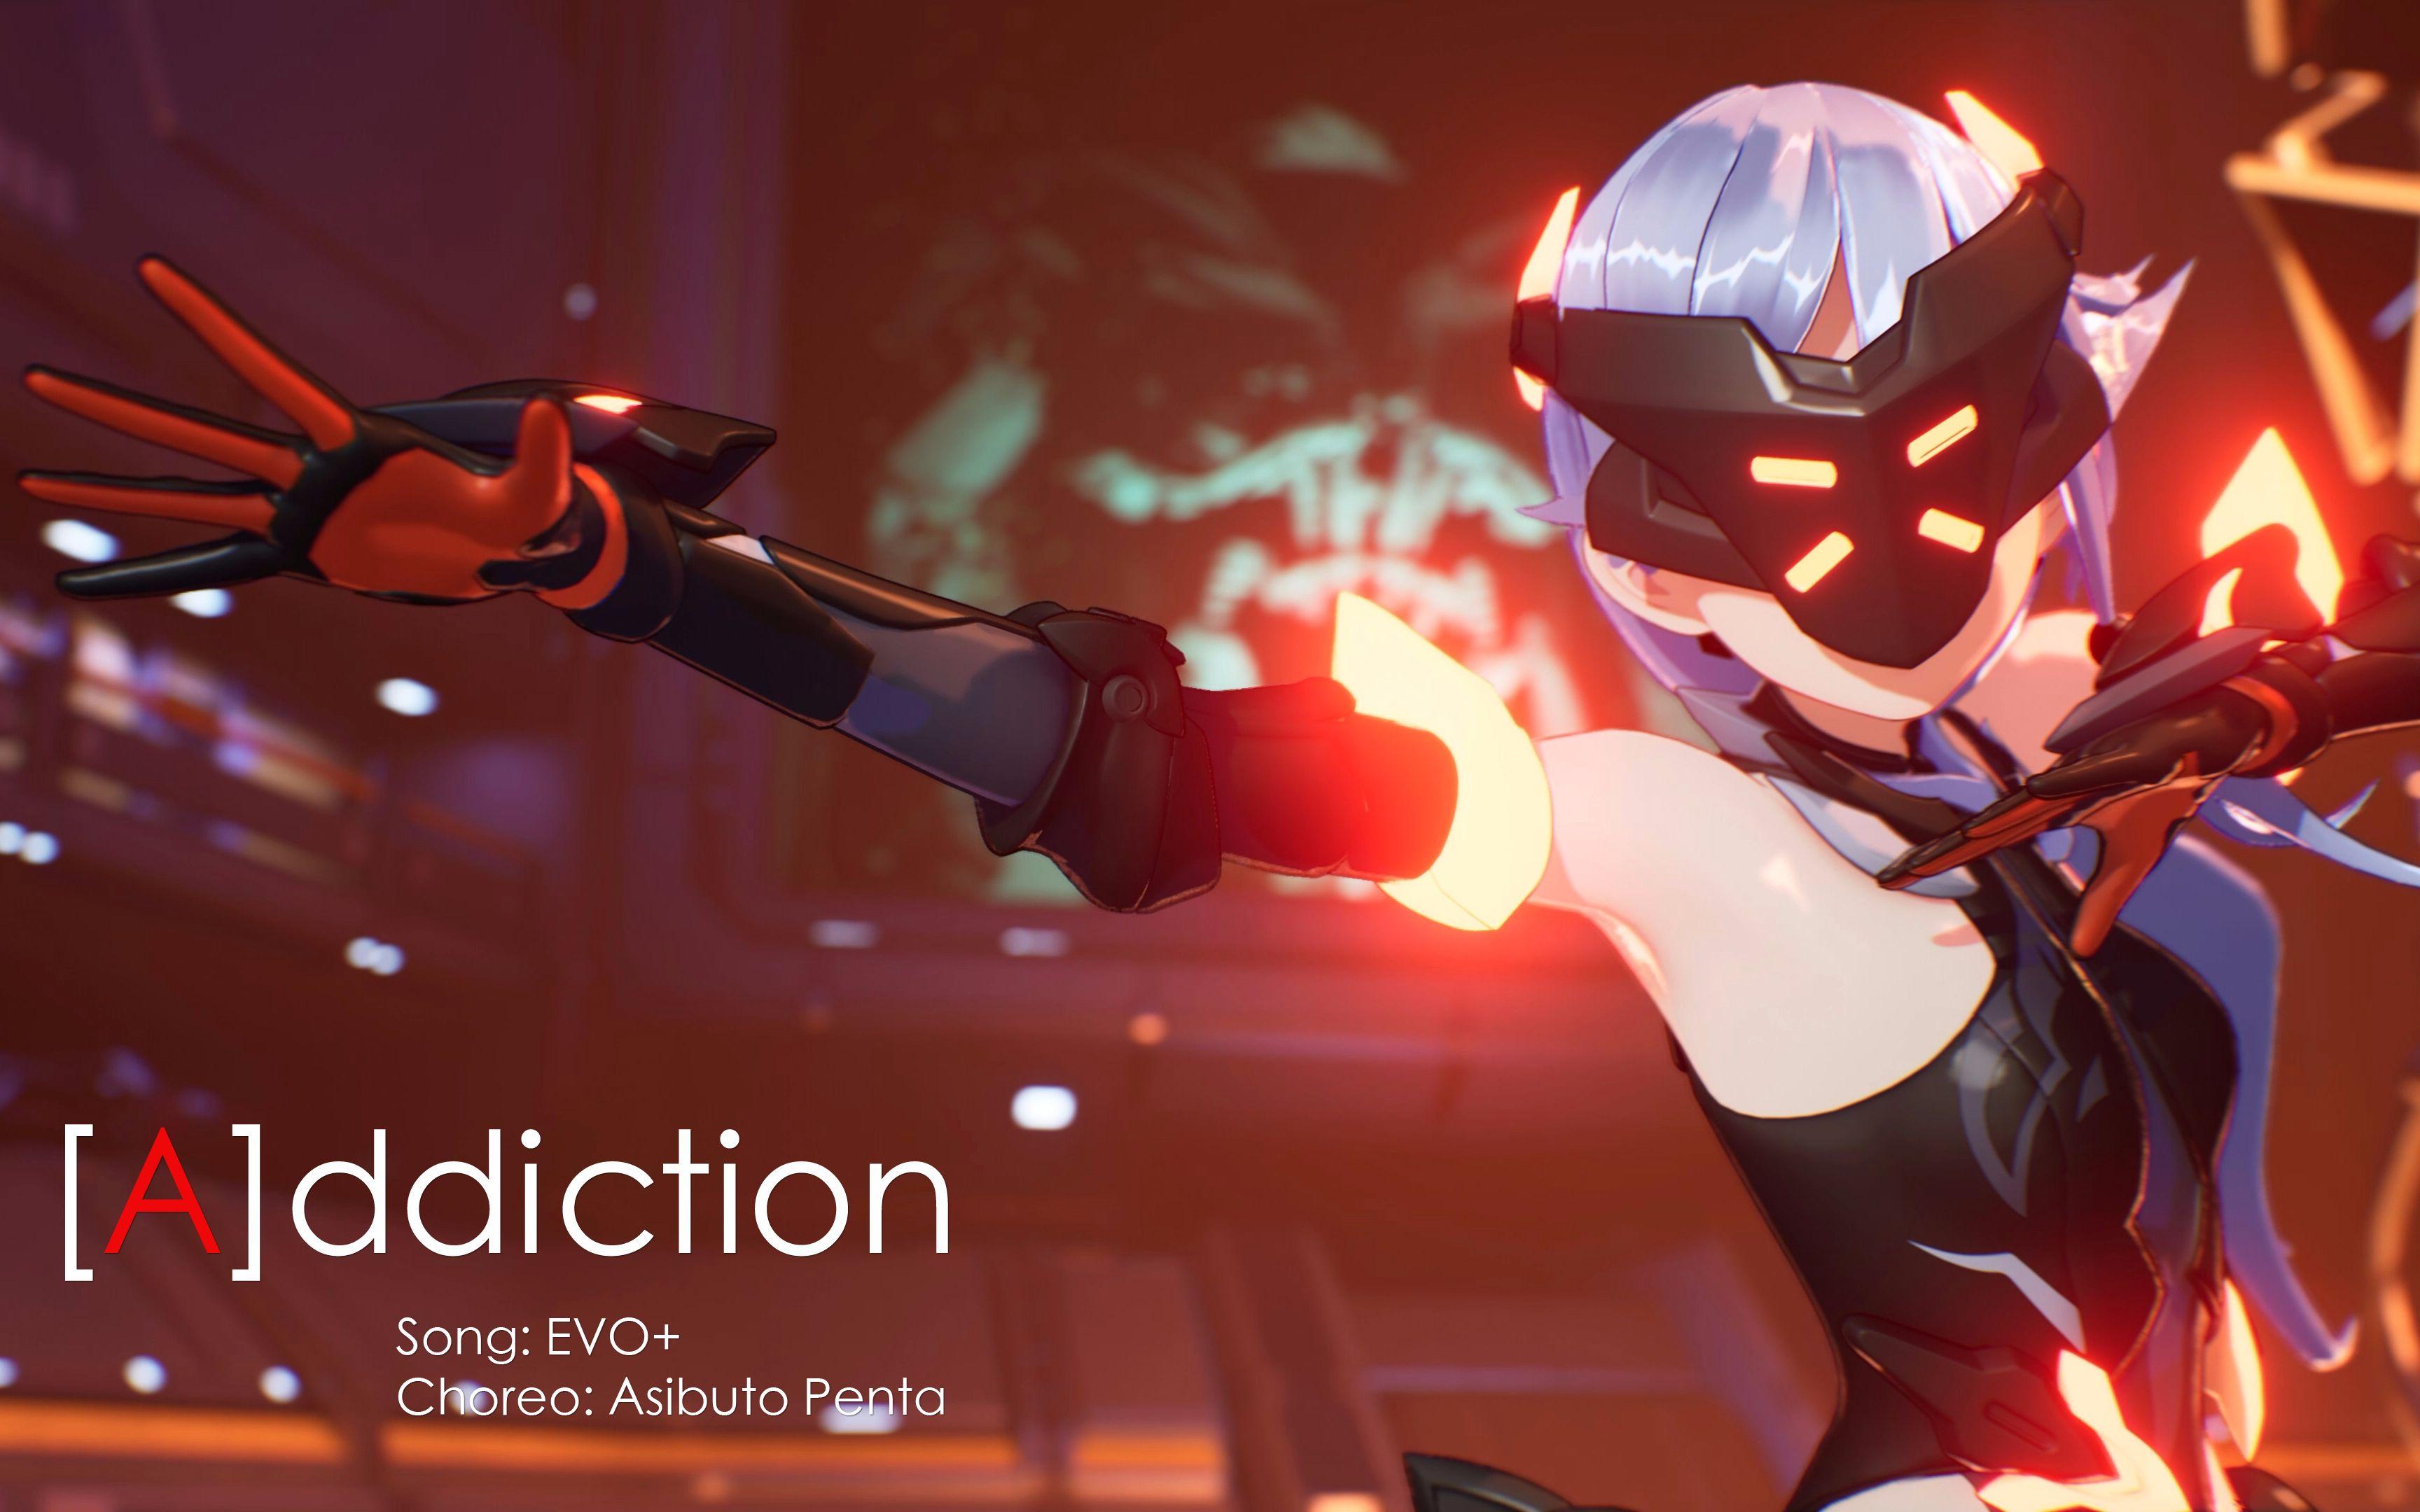 符華 · [A]ddiction【次世代卡通渲染】